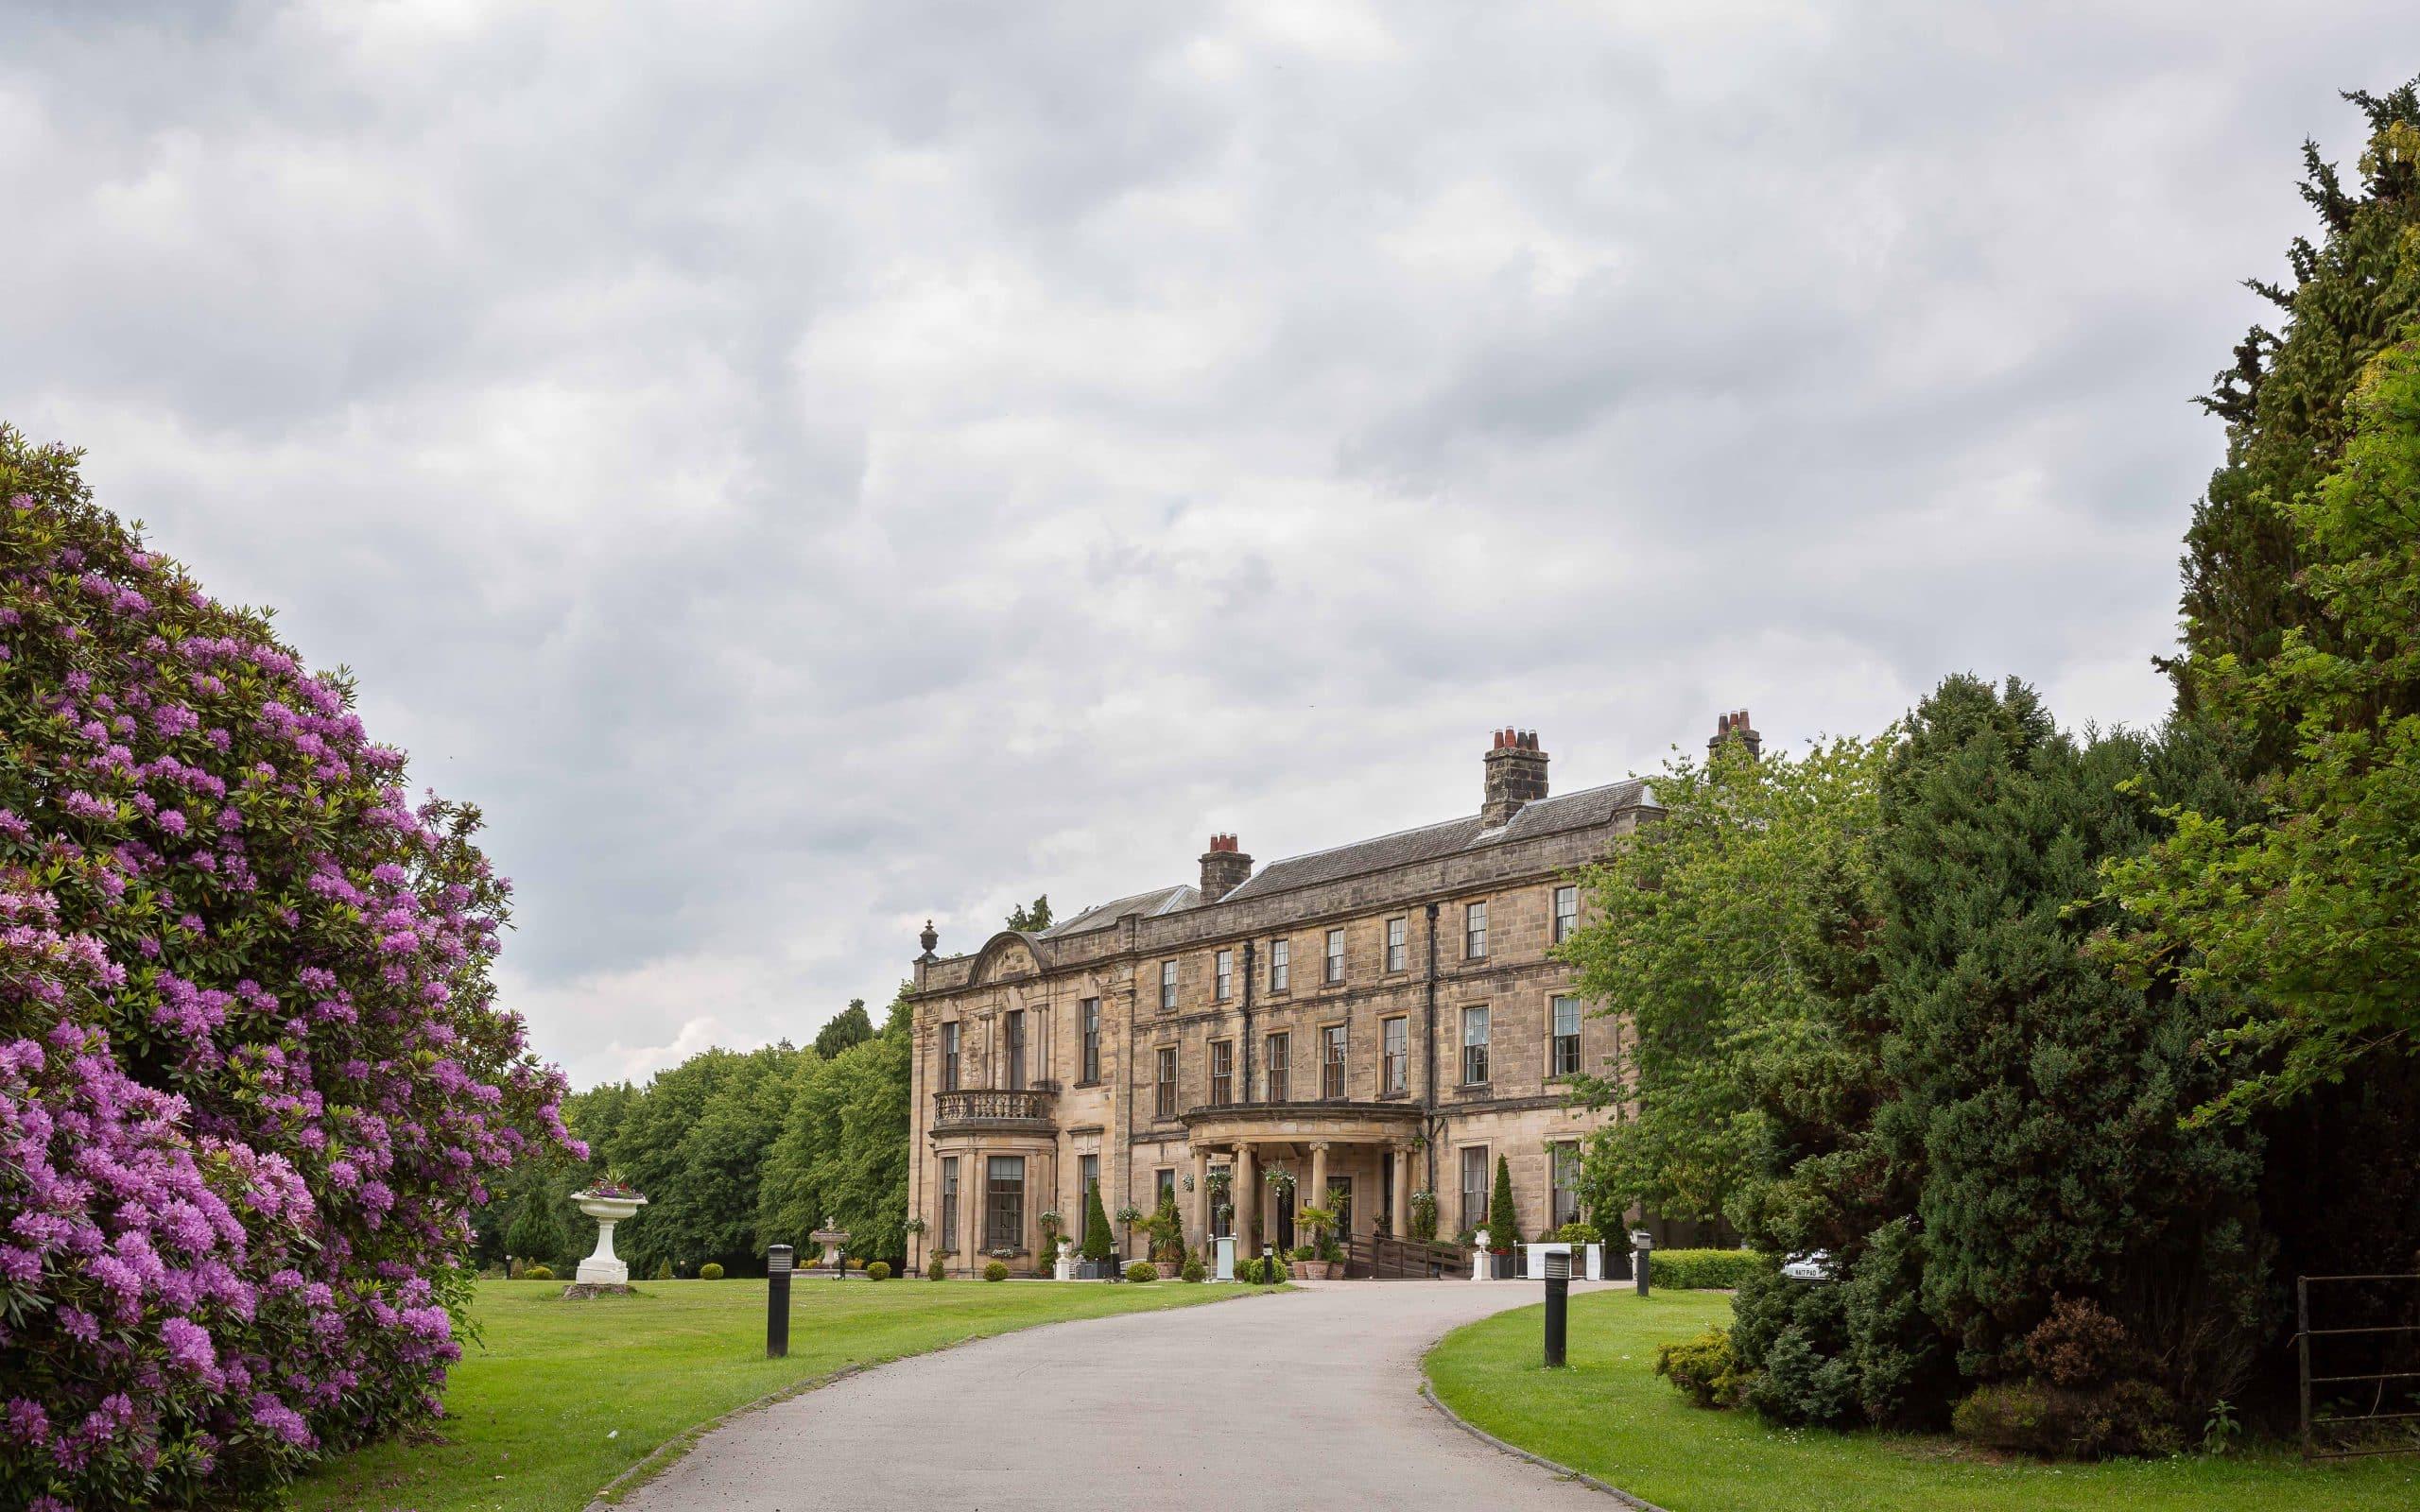 Image of Beamish Hall